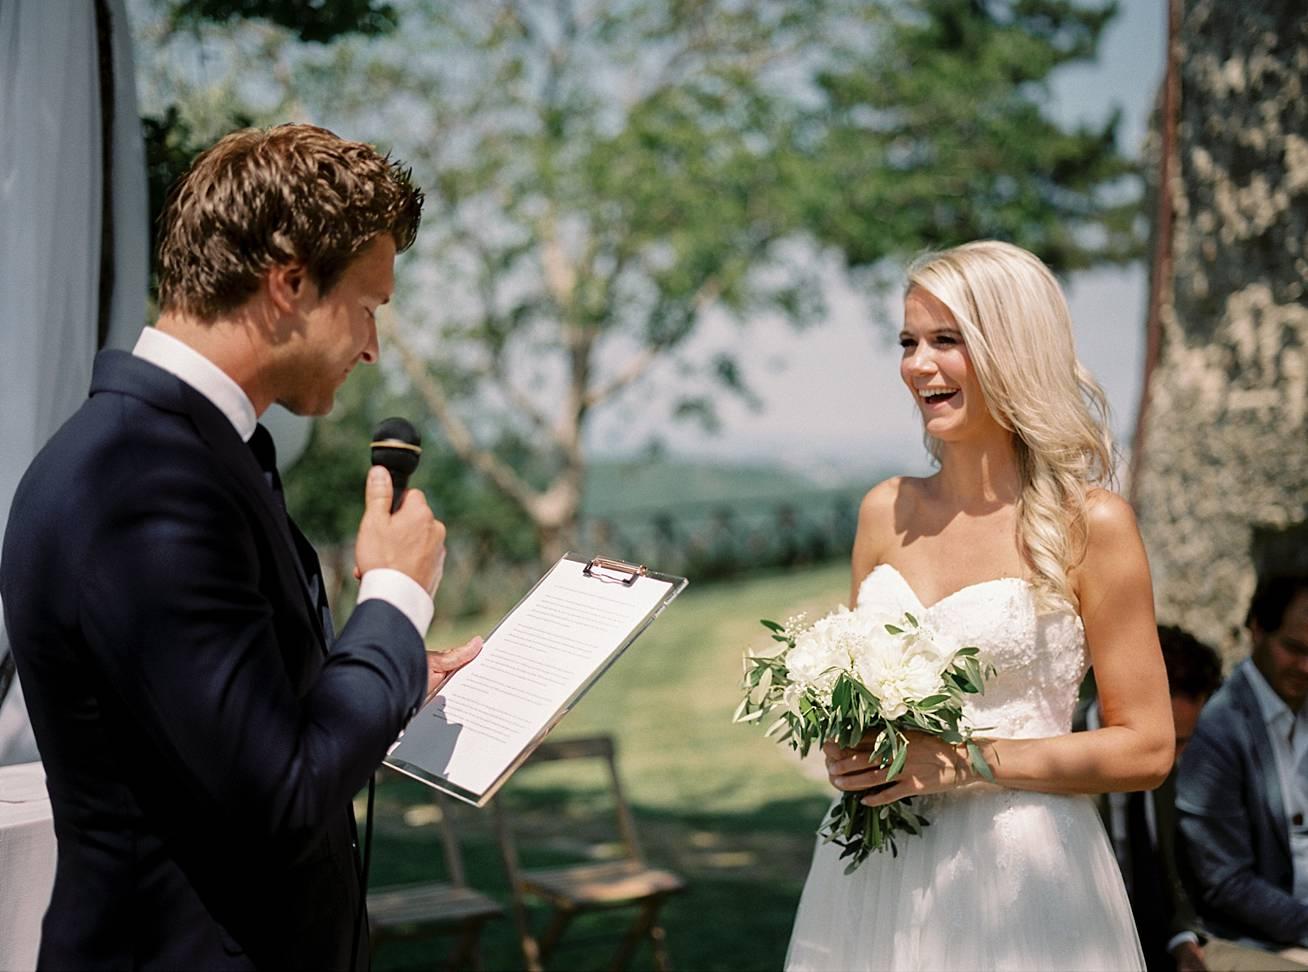 Amanda-Drost-Fotografie-trouwen-in-italie-bruidsfotografie_0052.jpg